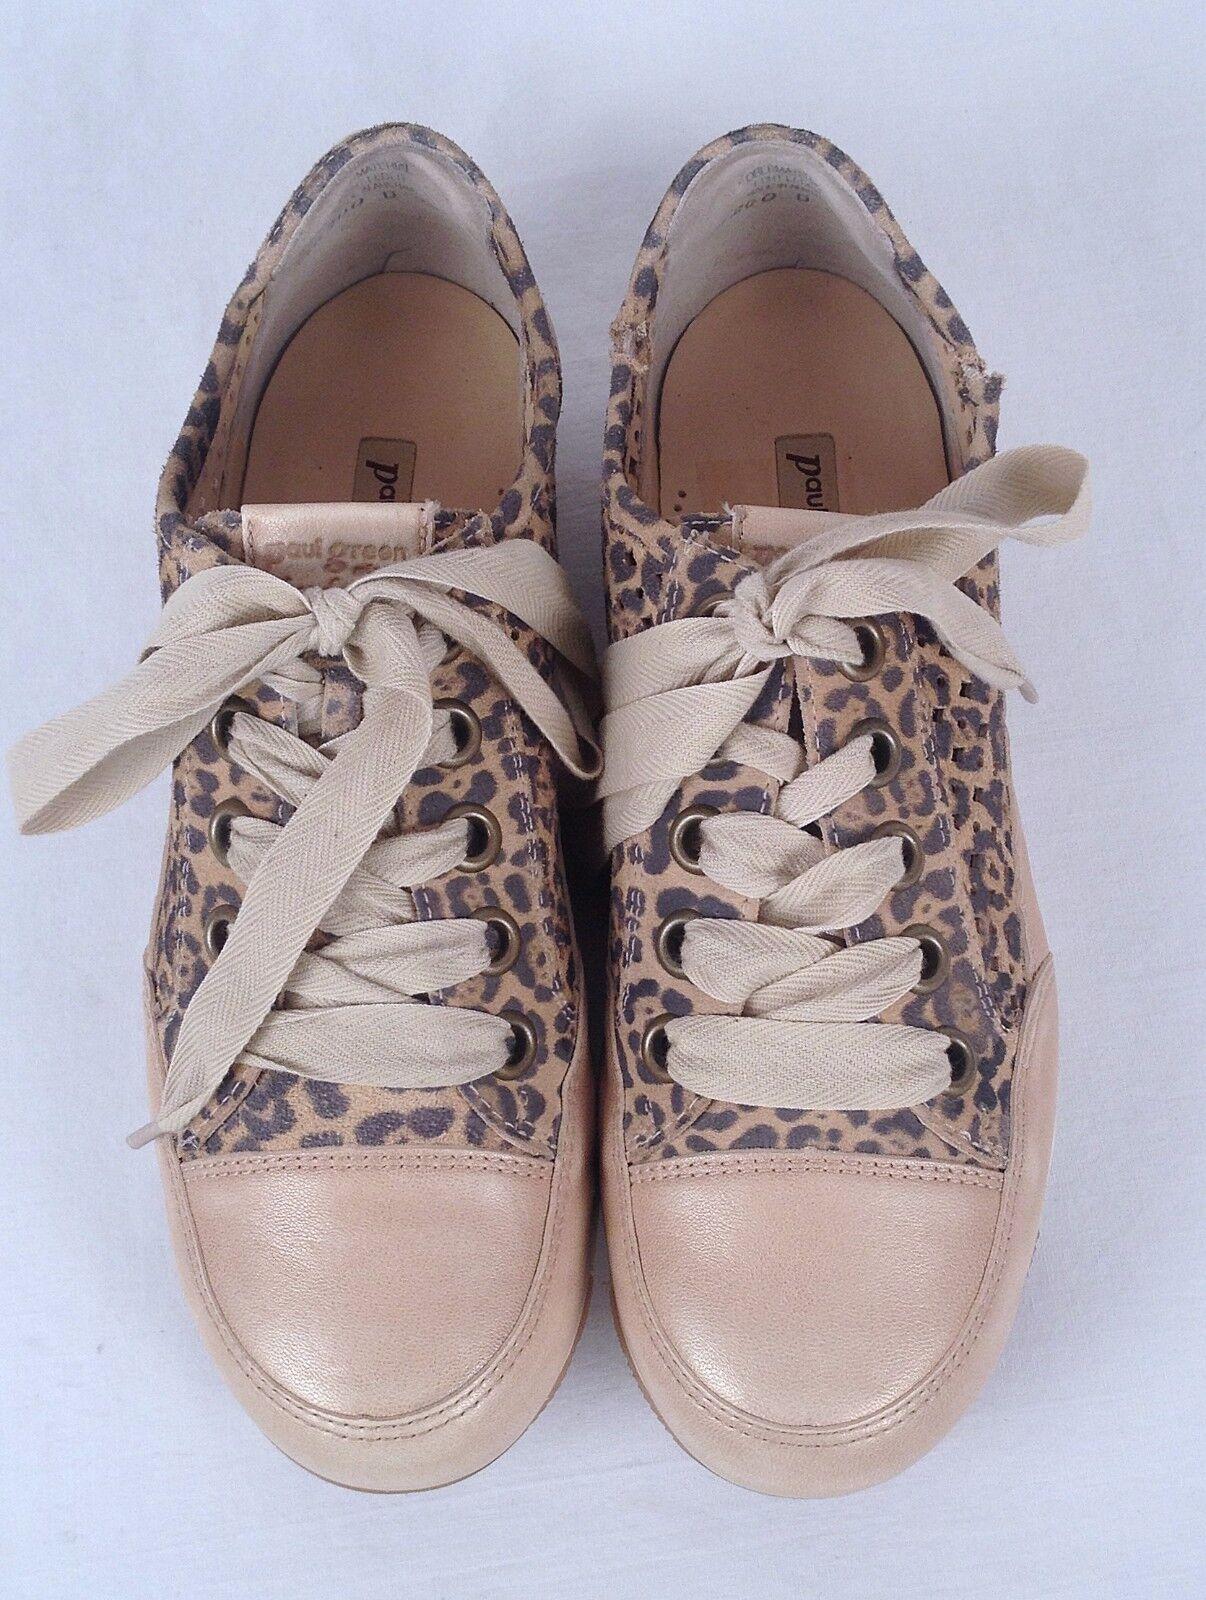 Paul Sneaker Grün Damens Leopard 'Posh' Sneaker Paul -Größe US 6 US/ Aus 3.5- 298  (P1) b95823